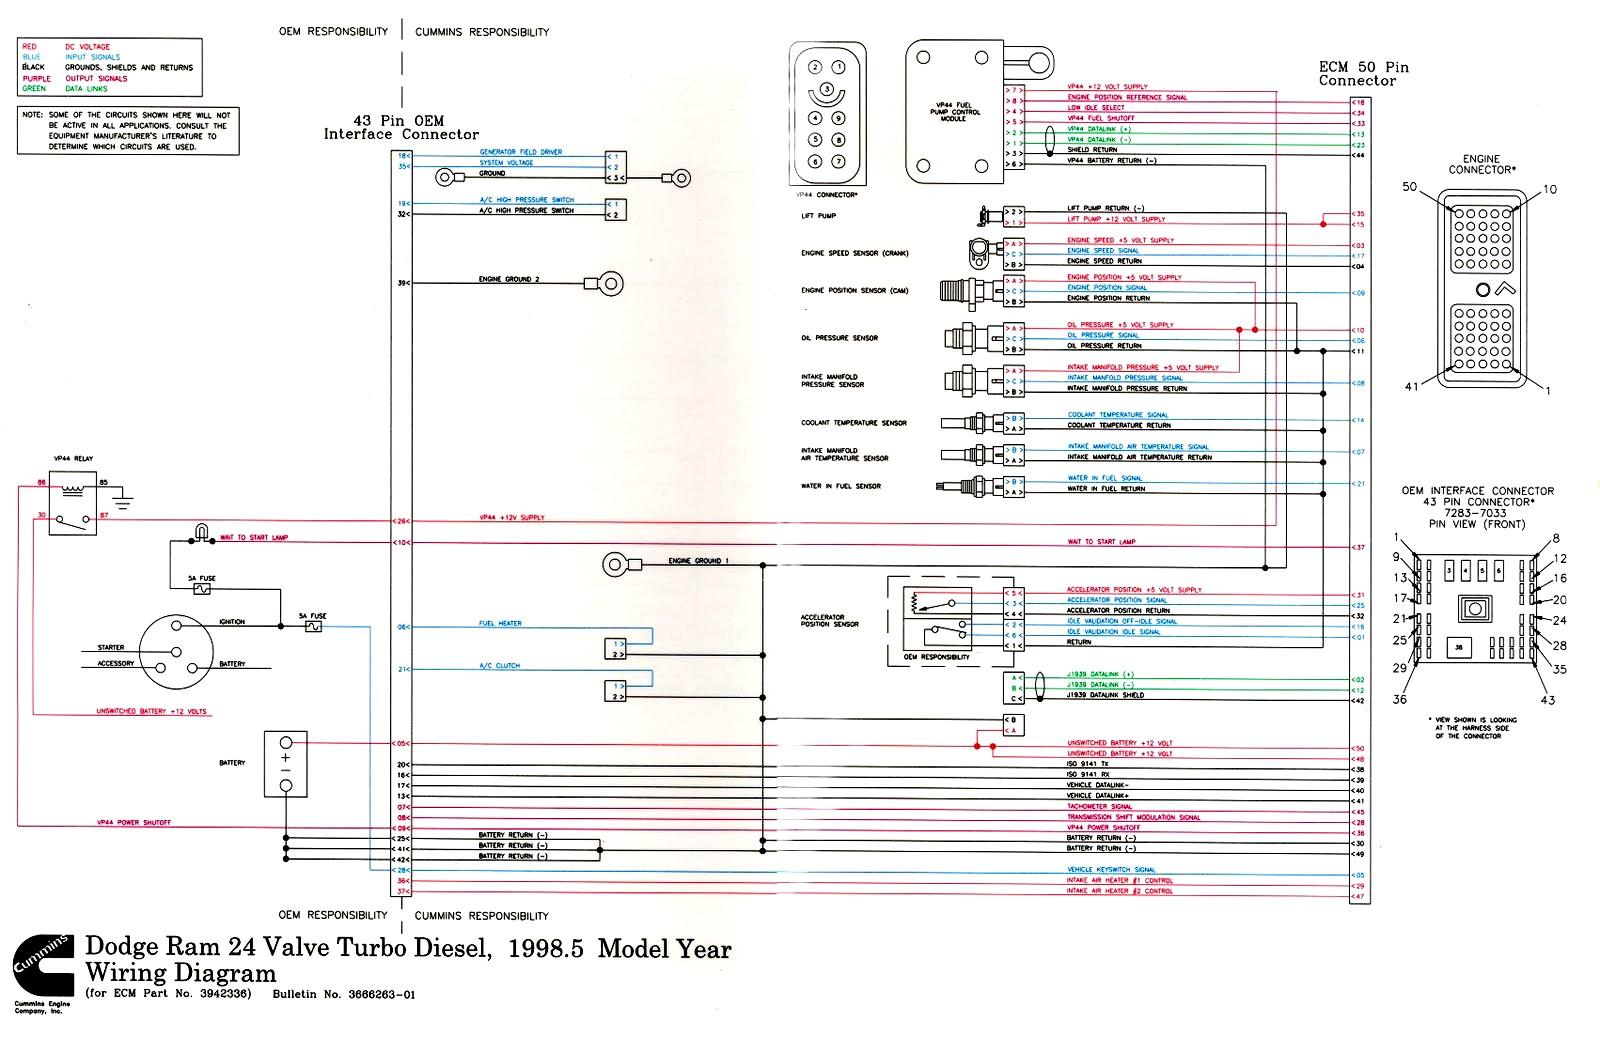 m11 wiring diagram wiring diagram schema m11 celect wiring diagram m11 wiring diagram [ 1600 x 1038 Pixel ]